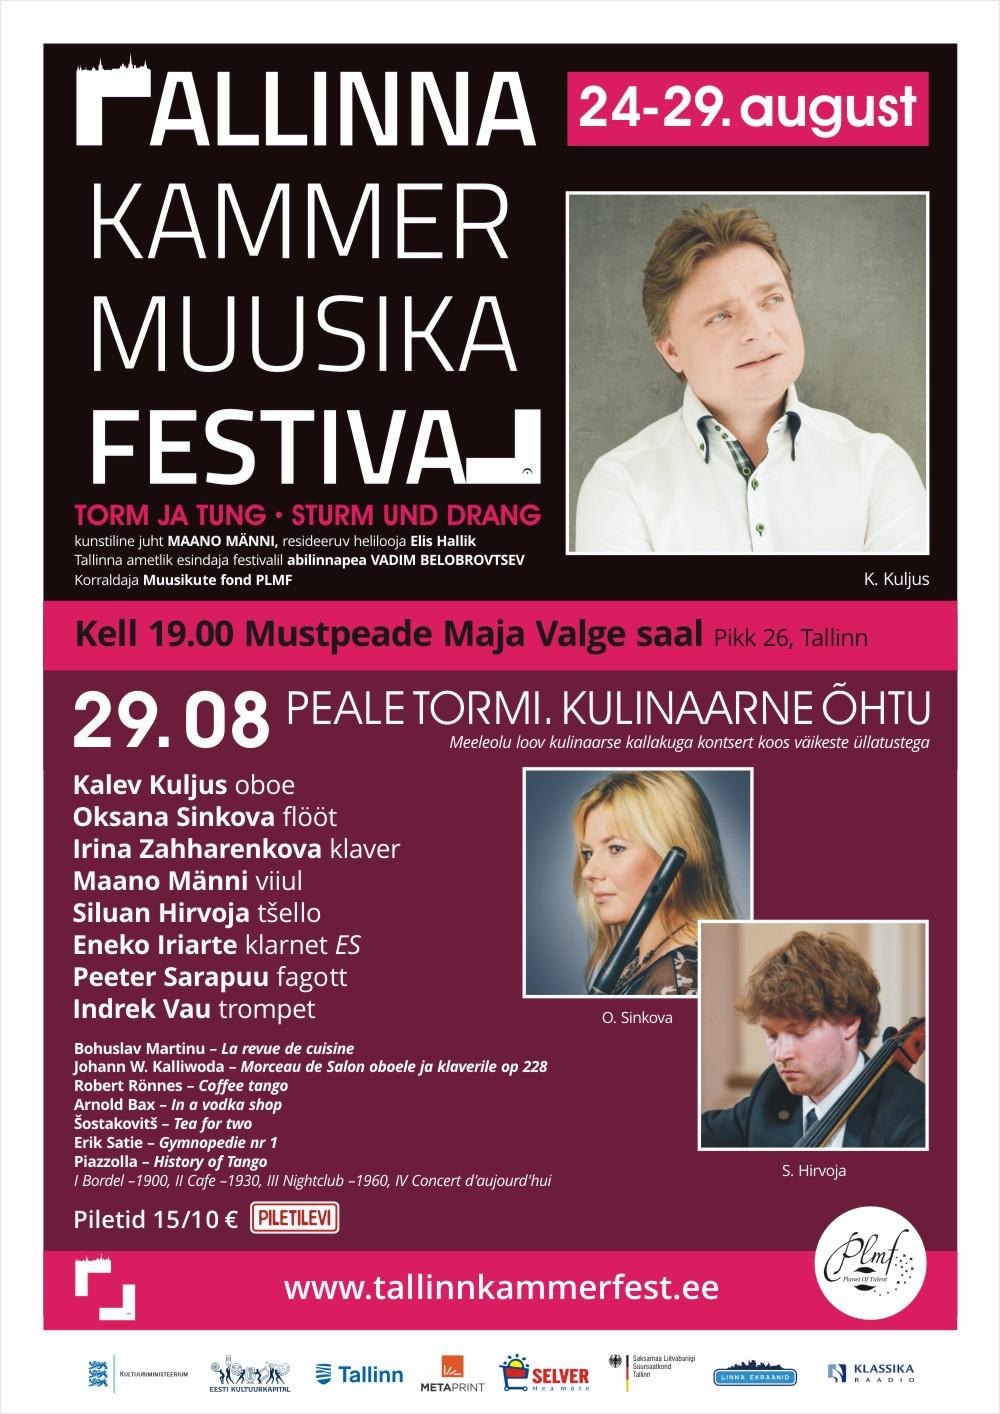 Peale tormi. Kulinaarne õhtu / Tallinna Kammermuusika Festival